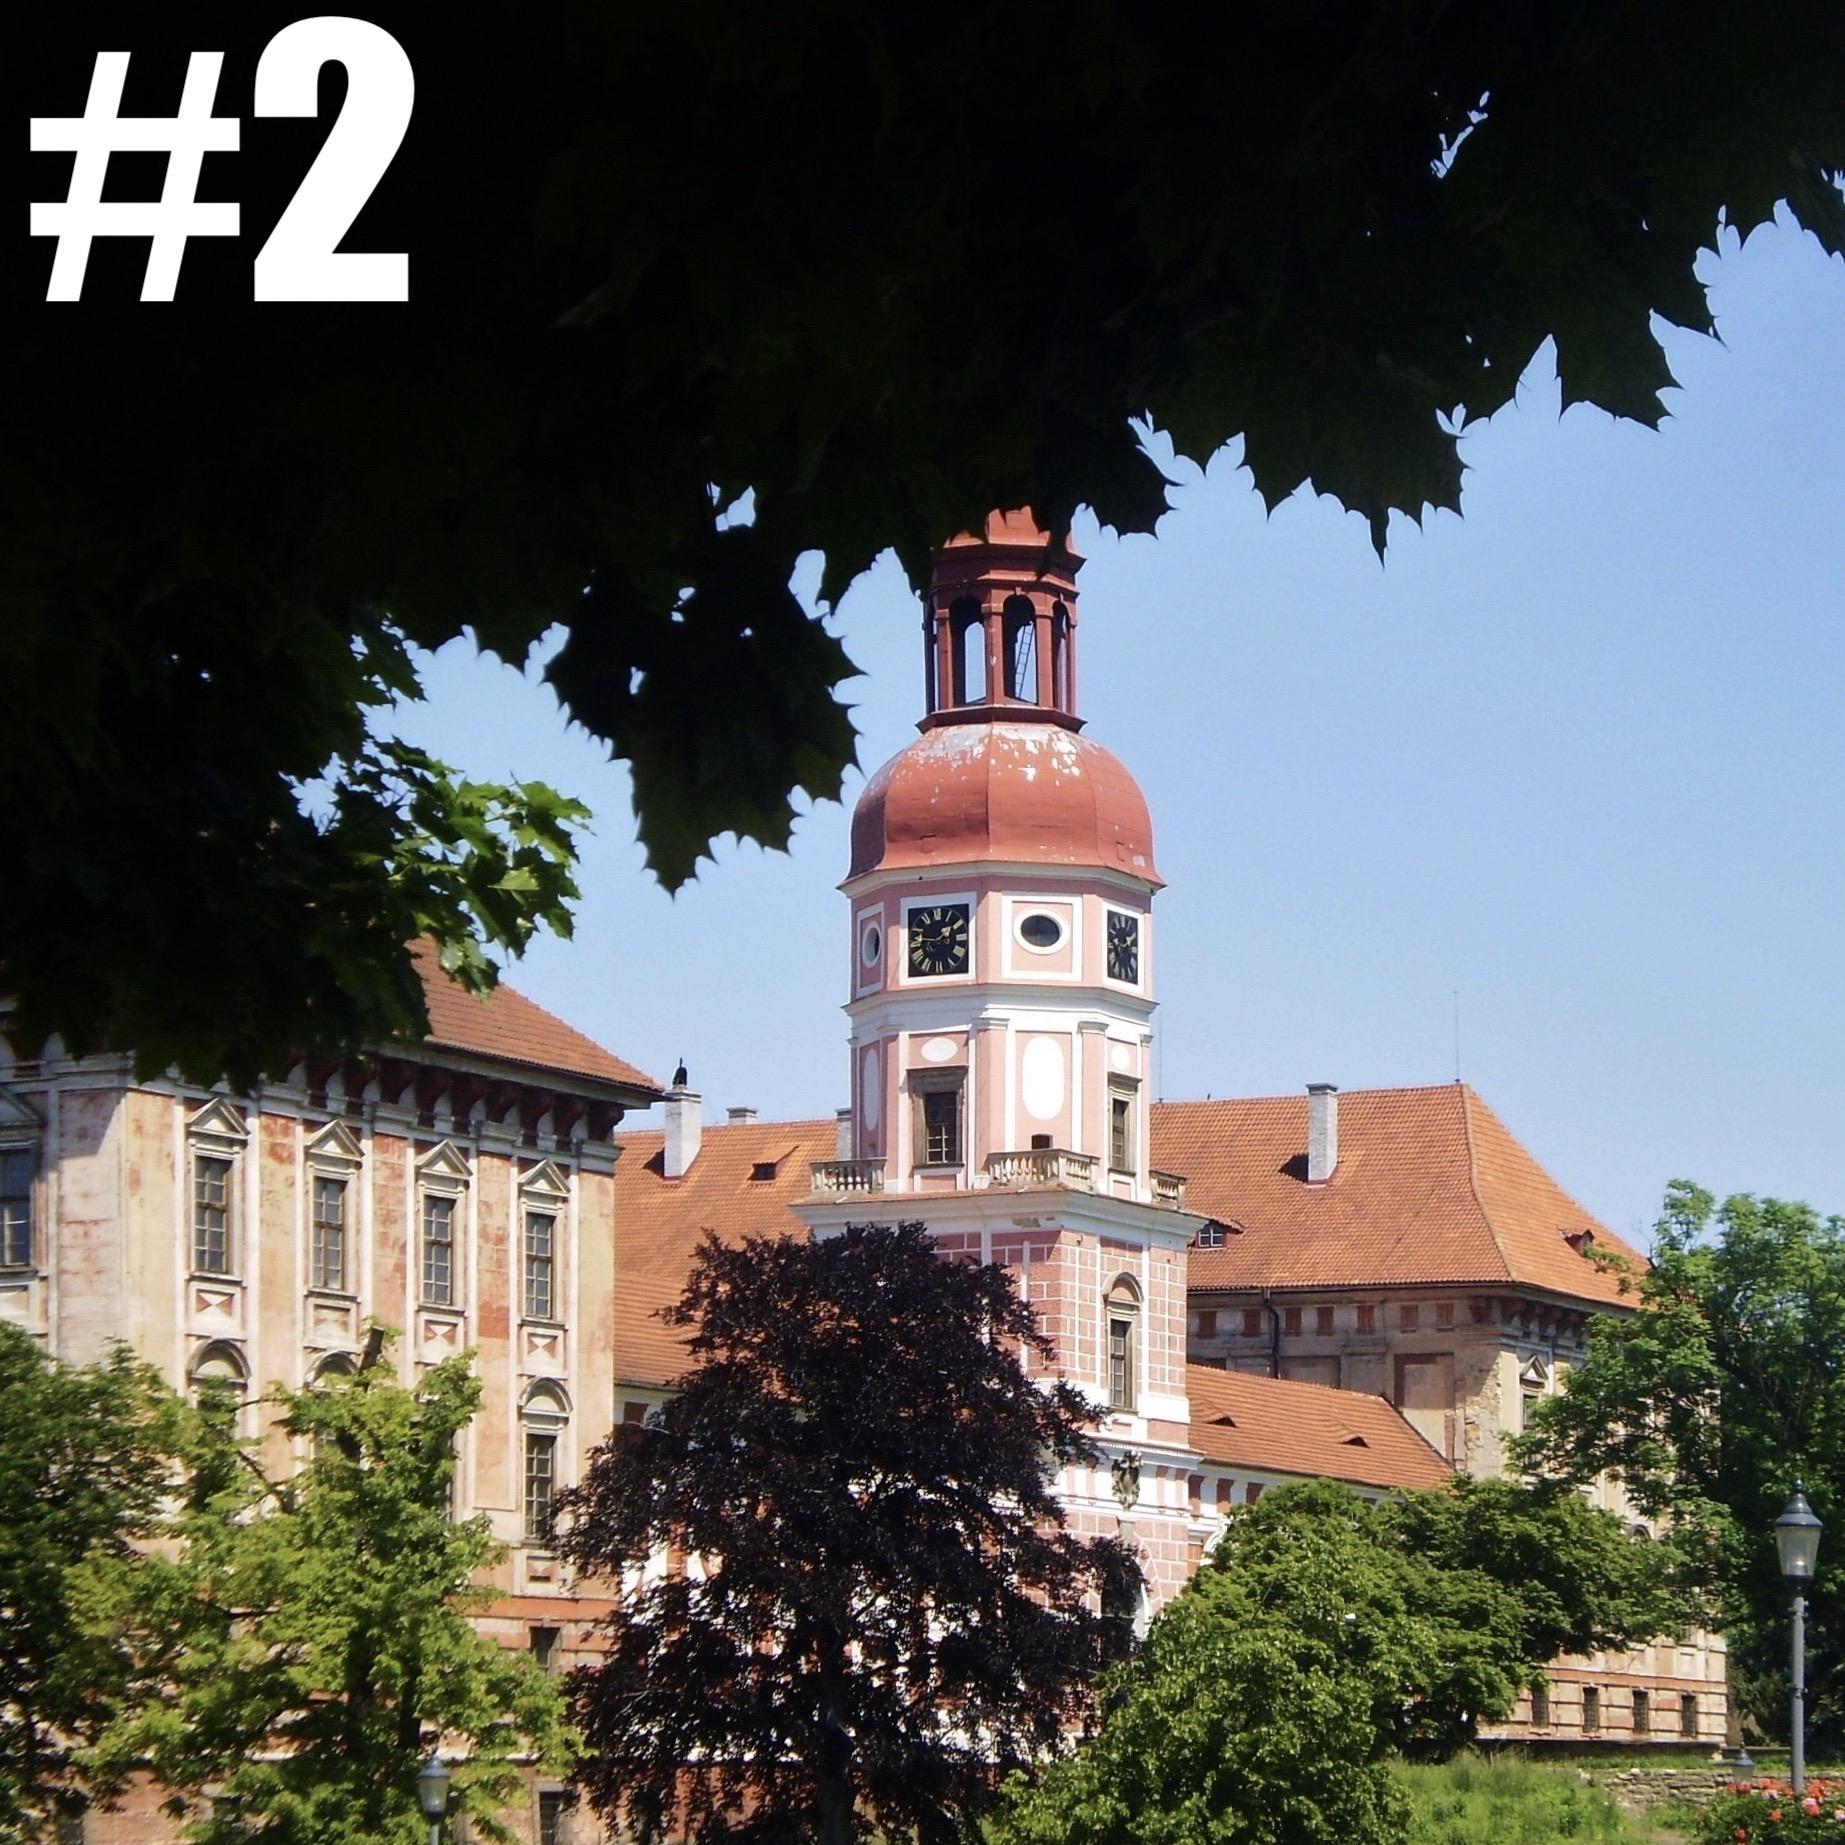 [TOP 10] destinací v severních Čechách, kam musíte vyrazit! #2